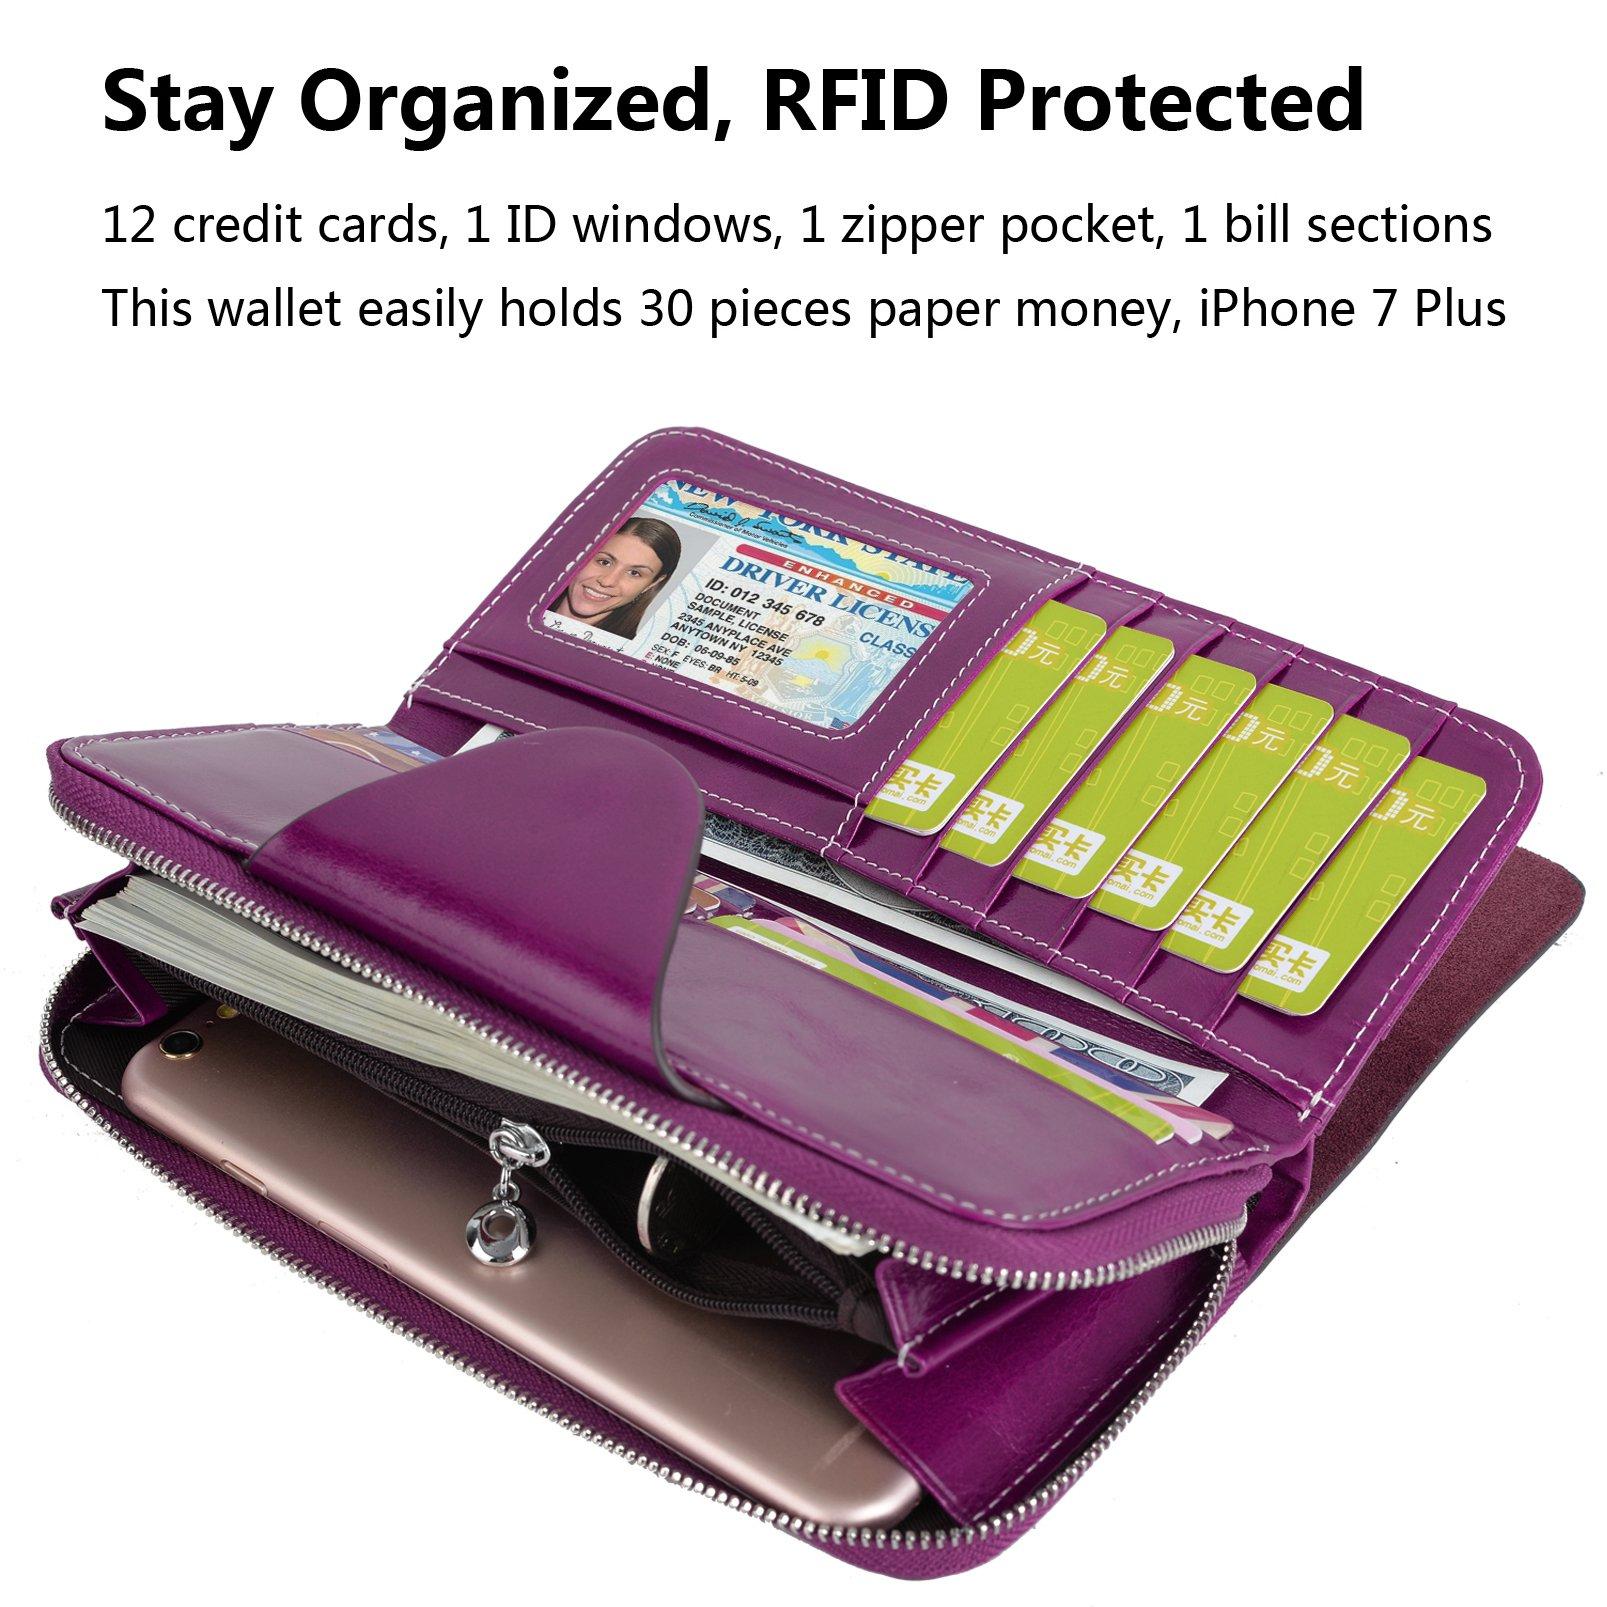 YALUXE Women's RFID Blocking Large Tri-fold Leather Wallet Ladies Luxury Zipper Clutch Fuchsia by YALUXE (Image #5)